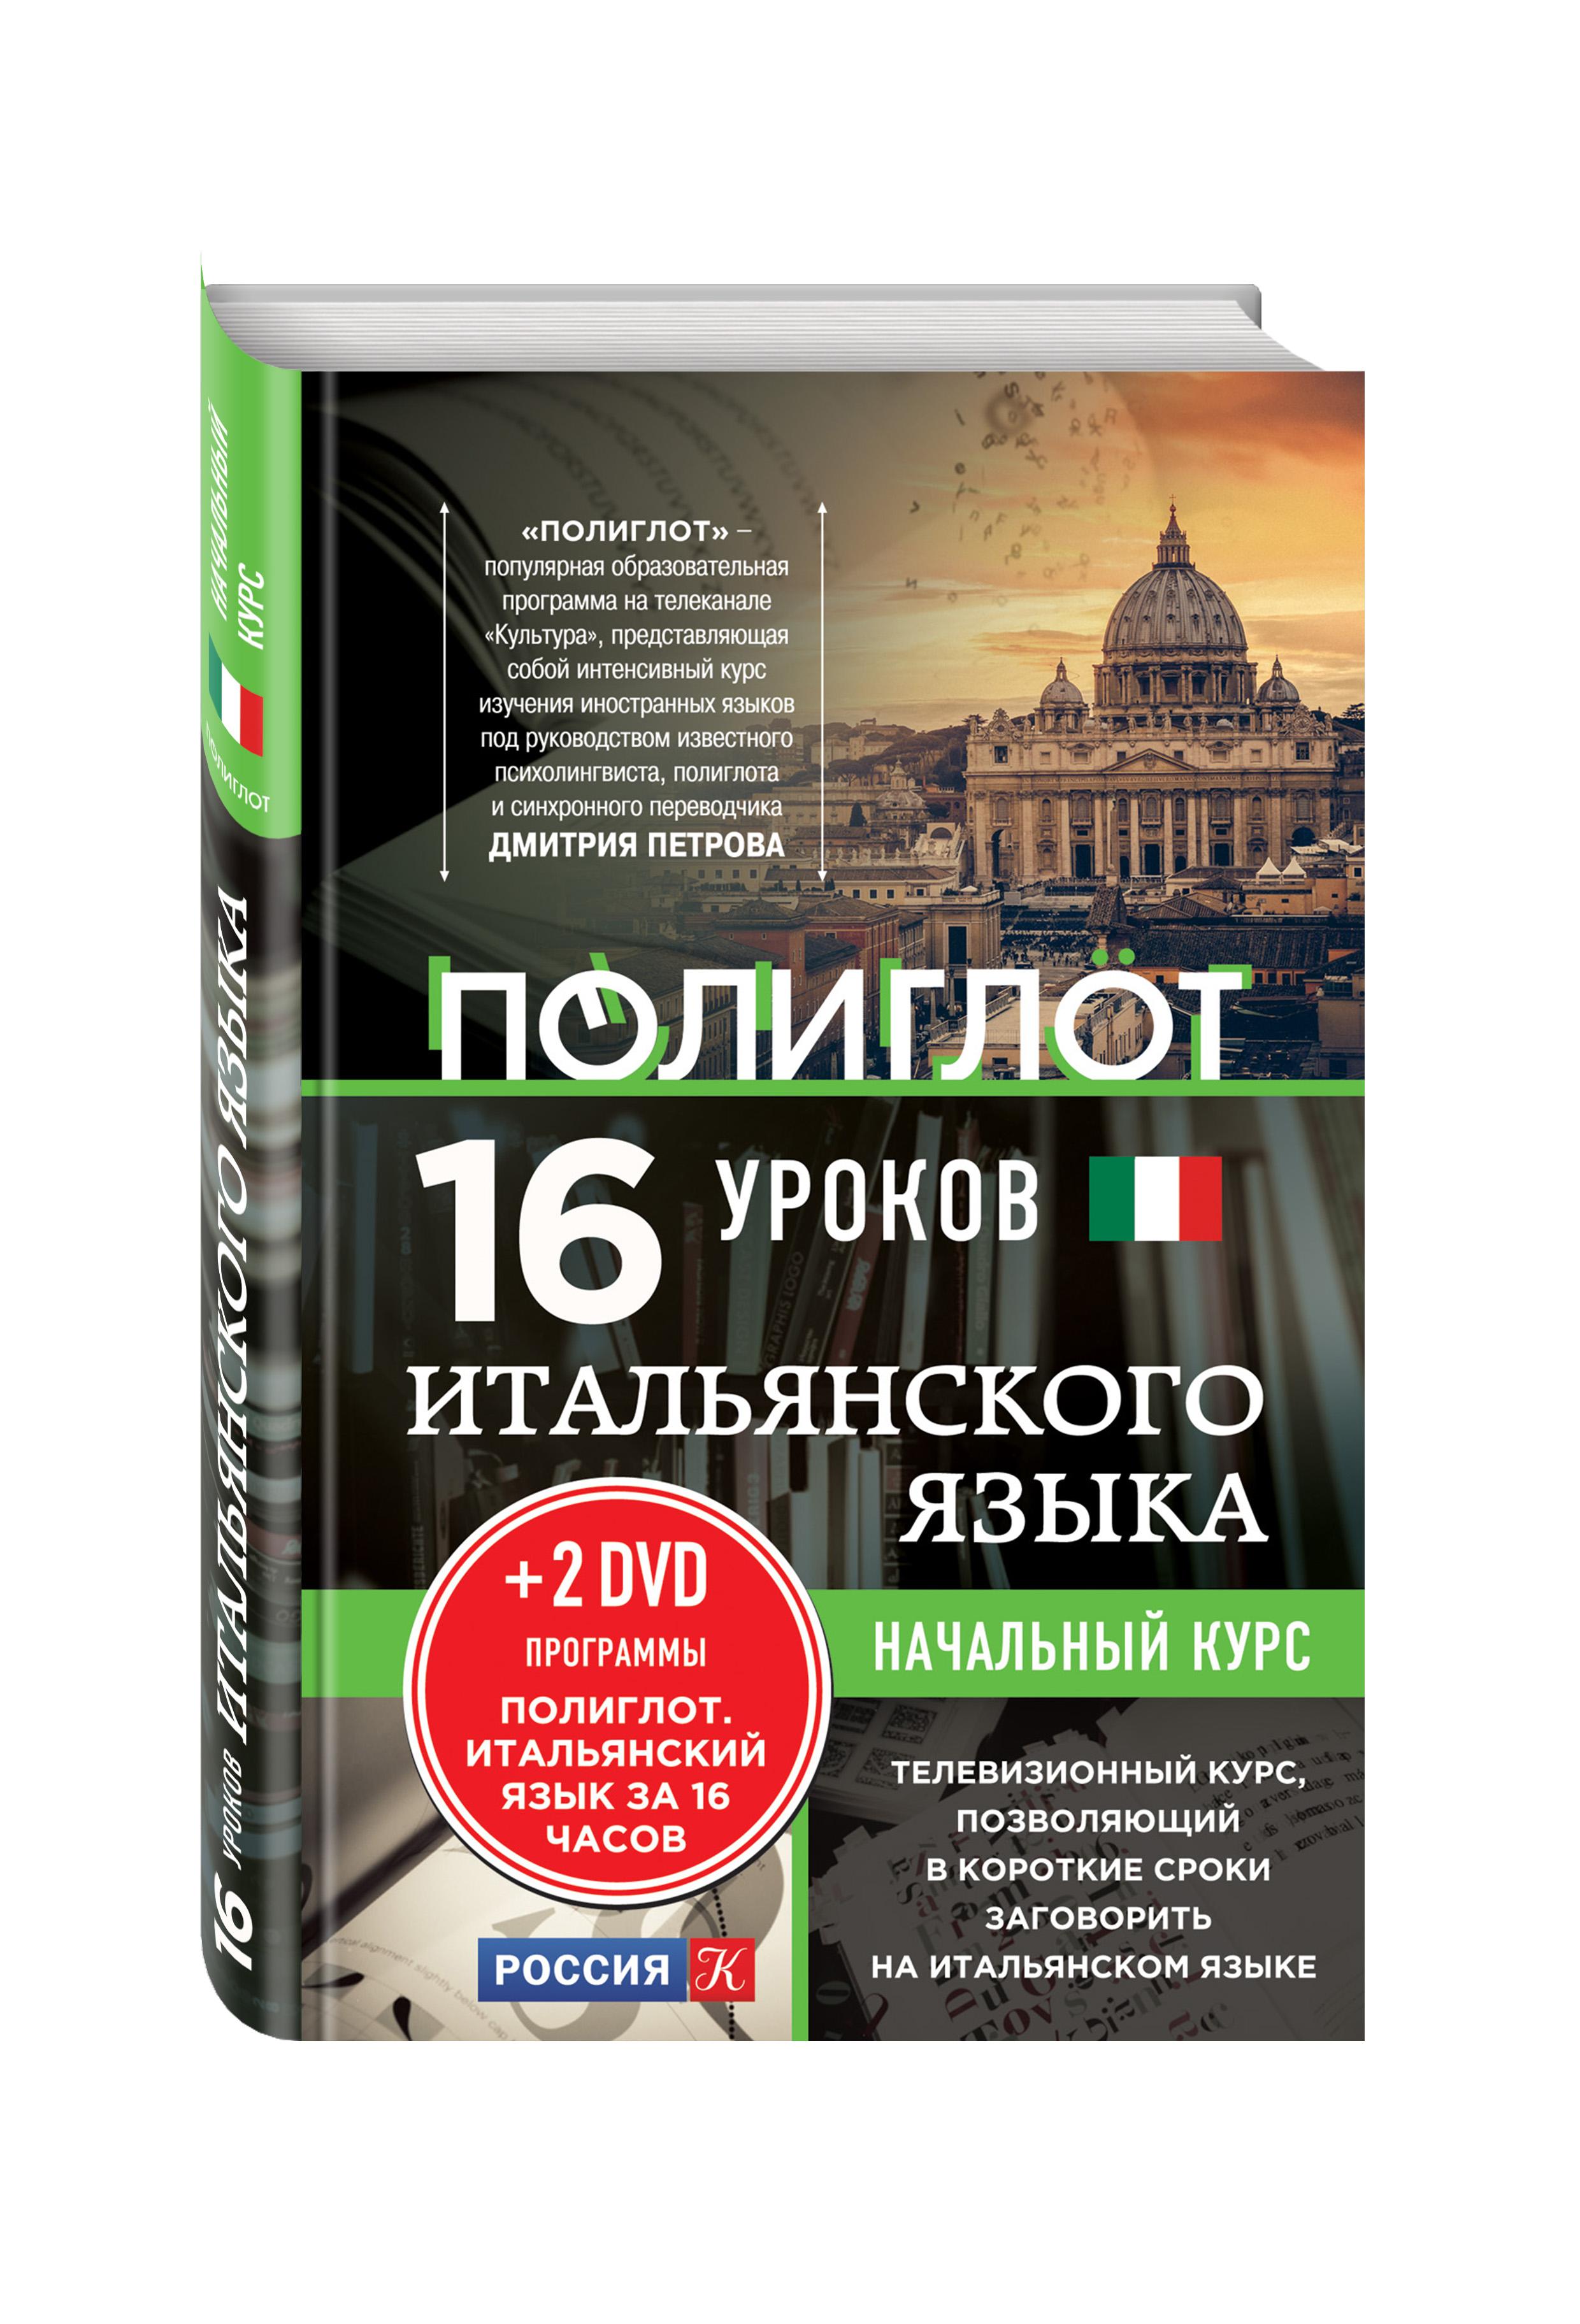 16 уроков Итальянского языка. Начальный курс + 2 DVD